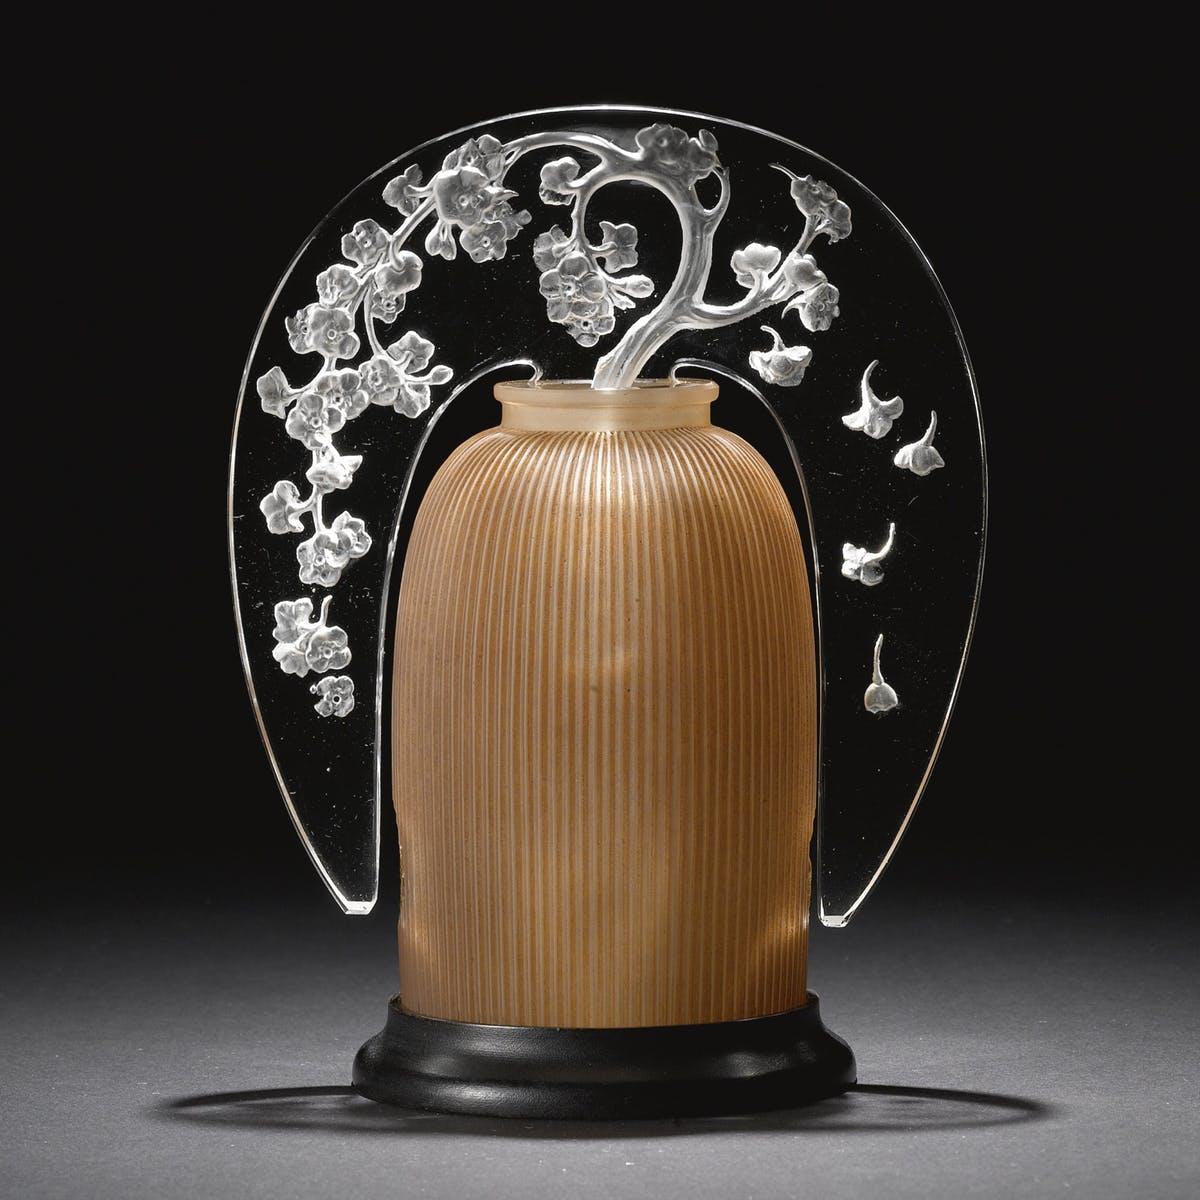 """RENÉ LALIQUE. Botella de perfume """"Pommier"""" en vidrio esmerilado (1921). Imagen vía: Lalique y Robj/Paris"""